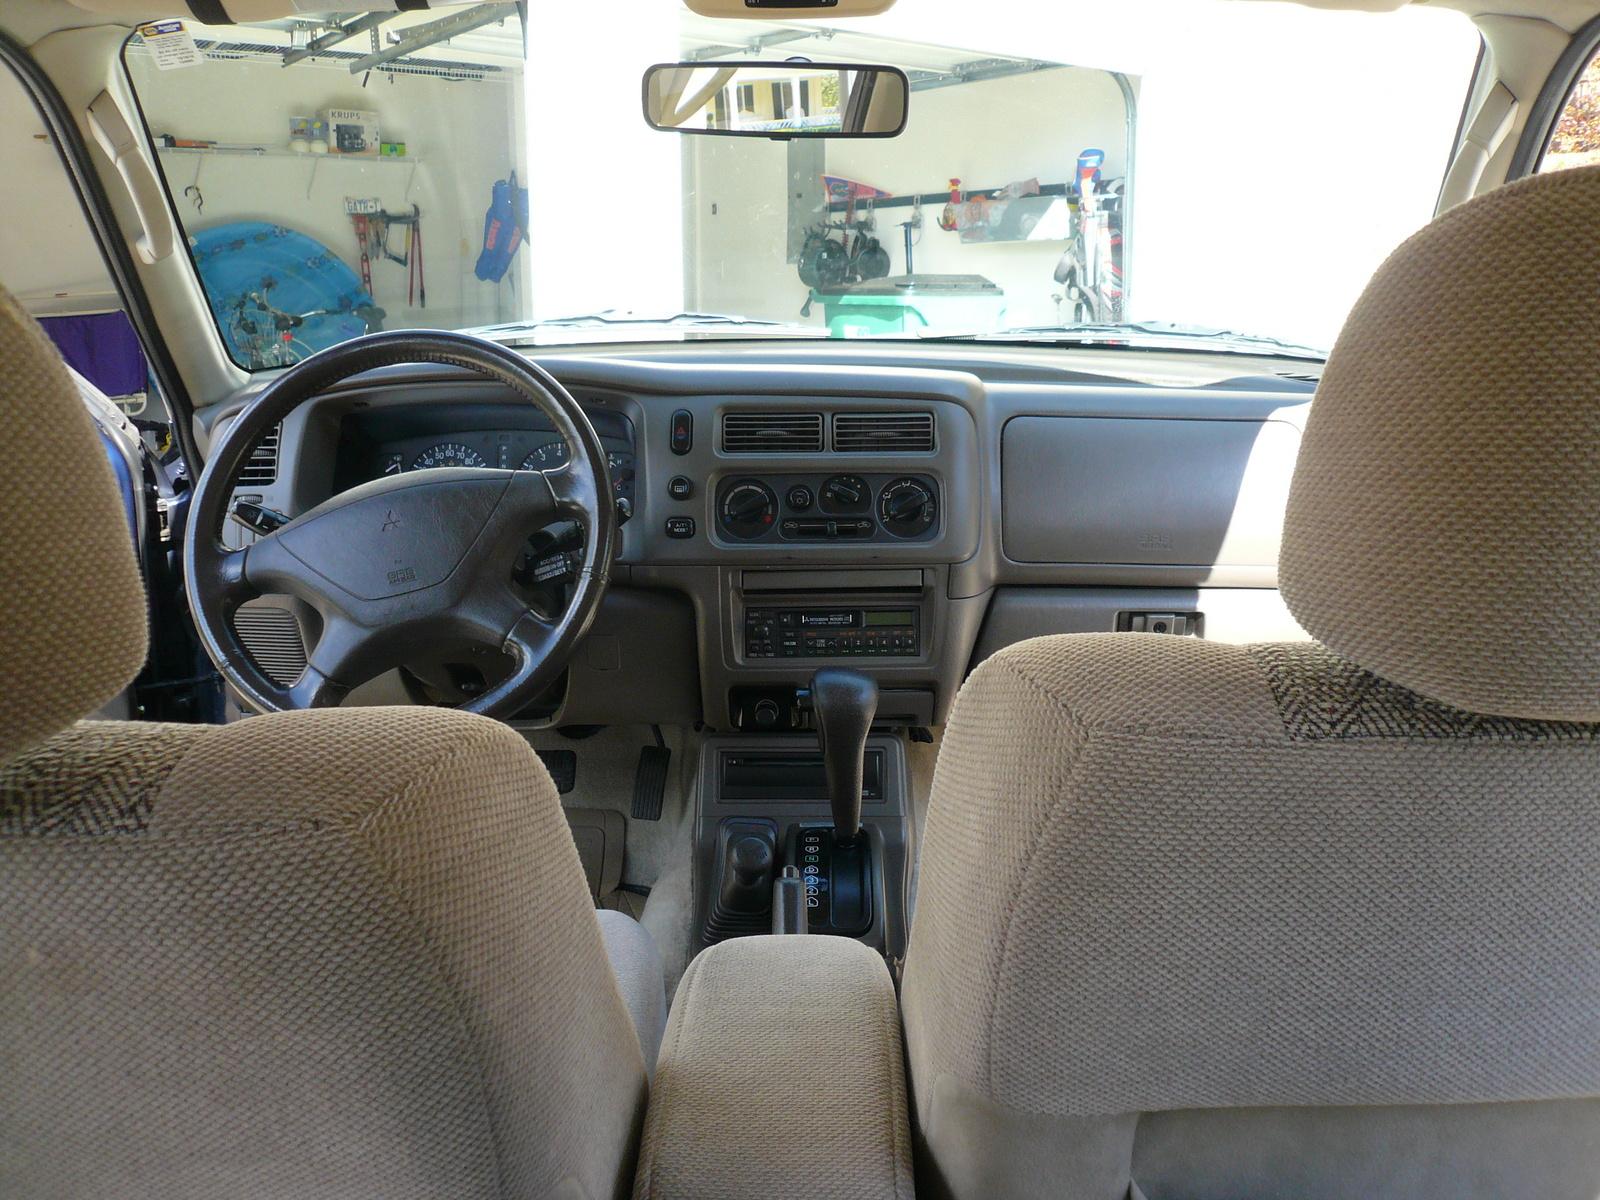 1999 Mitsubishi Montero Sport - Pictures - CarGurus